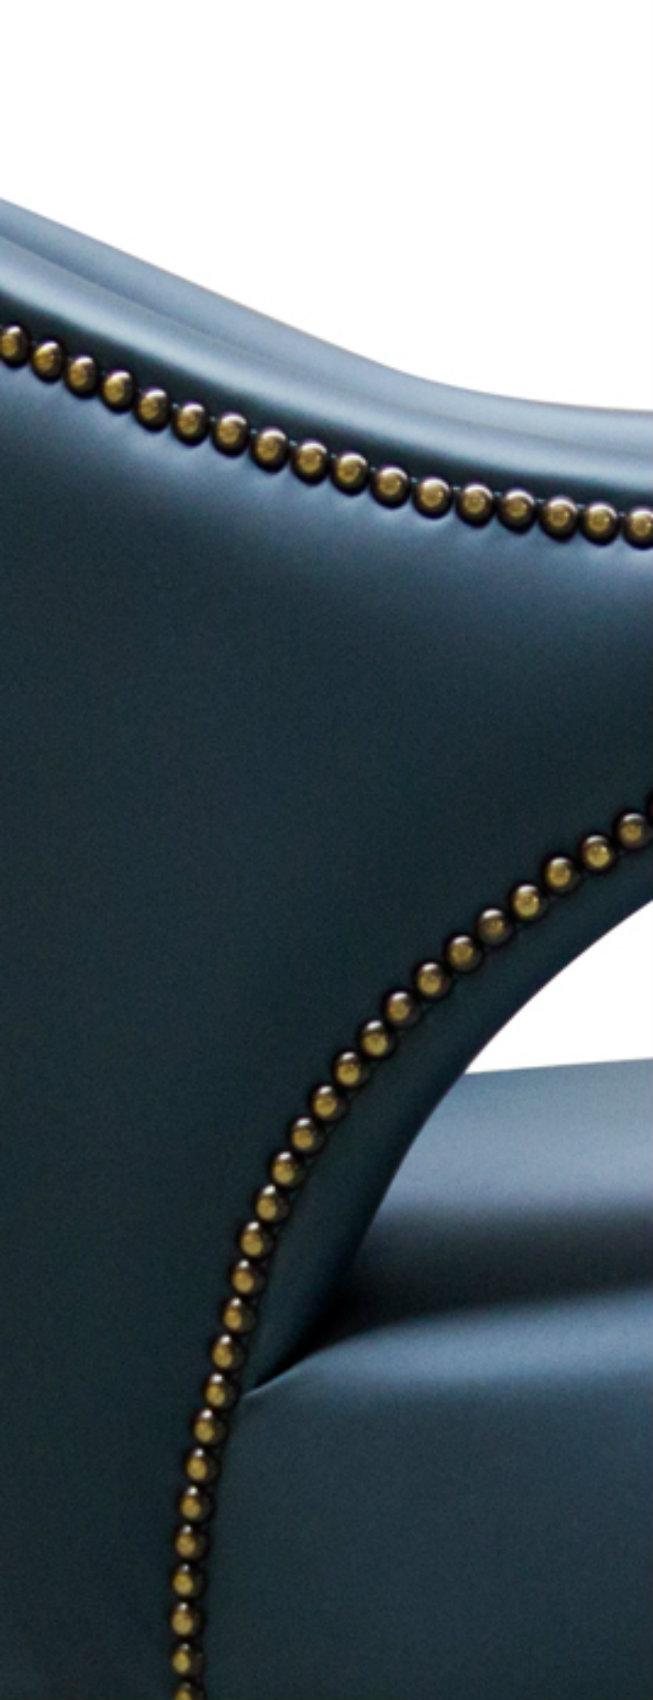 nanook-dining-room-chair-mid-century-modern-design-1-detail  Stühle mit Lederbezug für den Esstisch nanook dining room chair mid century modern design 1 detail1